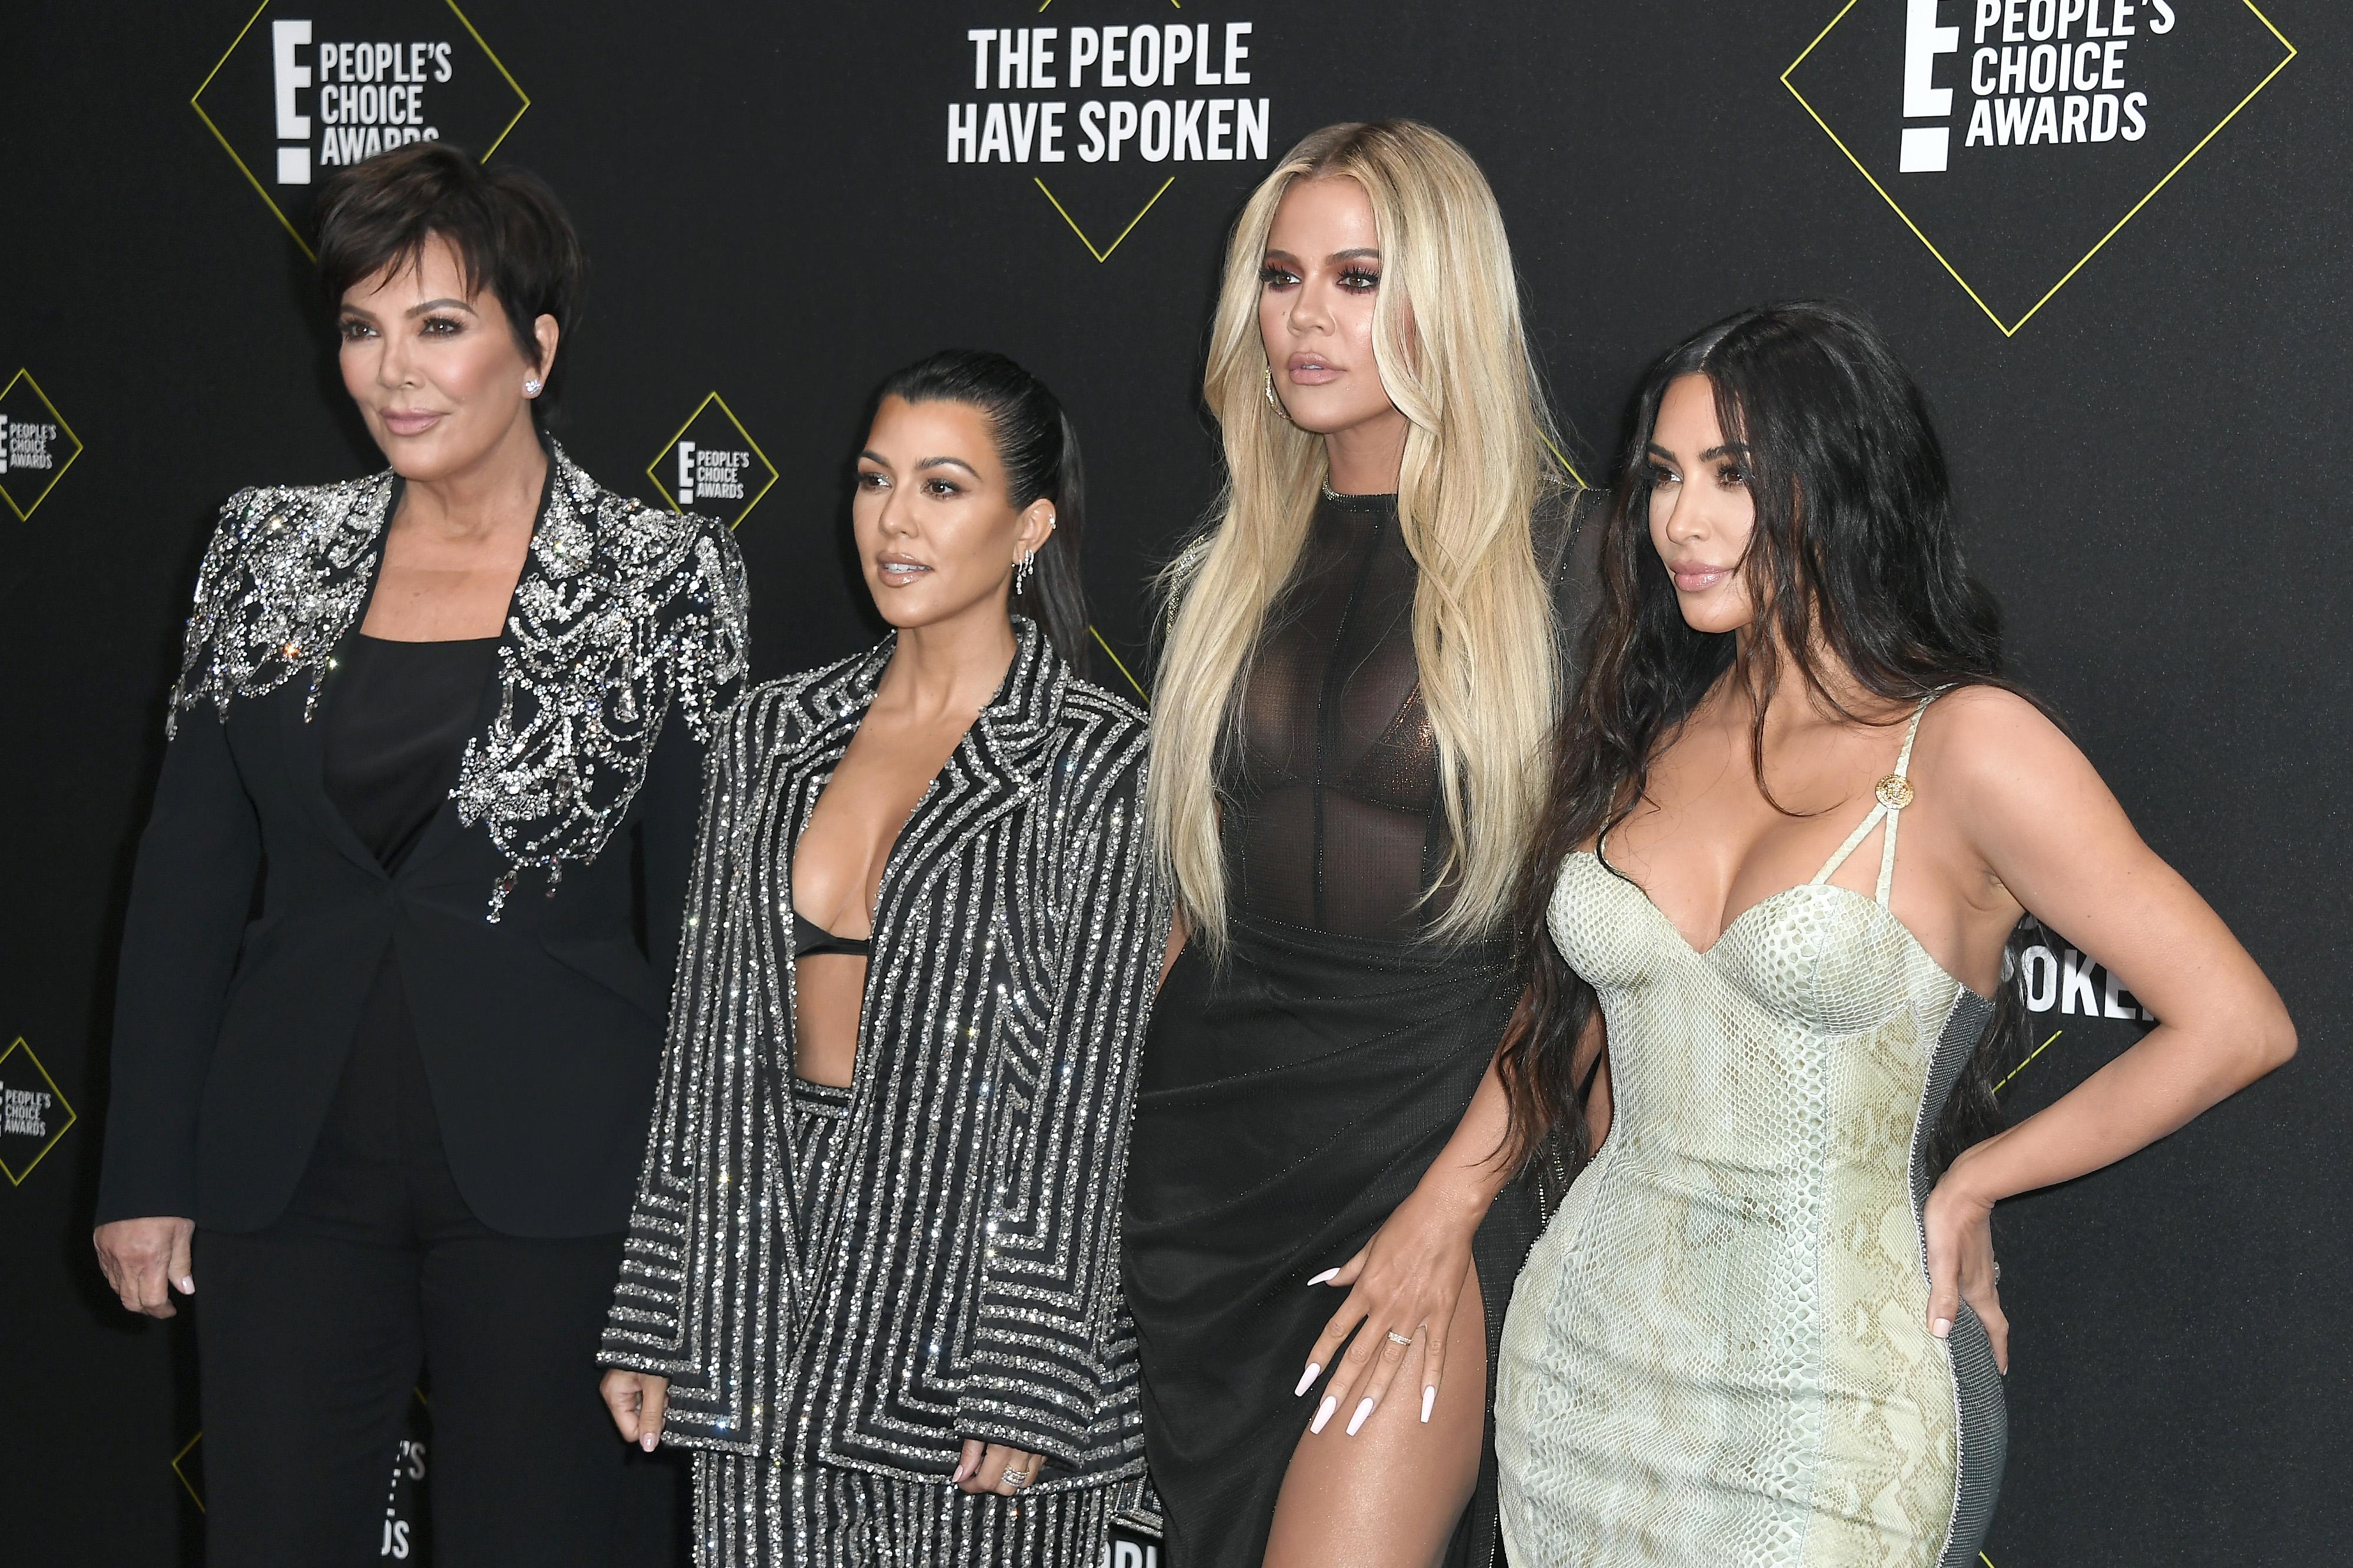 Kendall Jenner: Welches ihrer Geschwister macht den besten Elternjob?